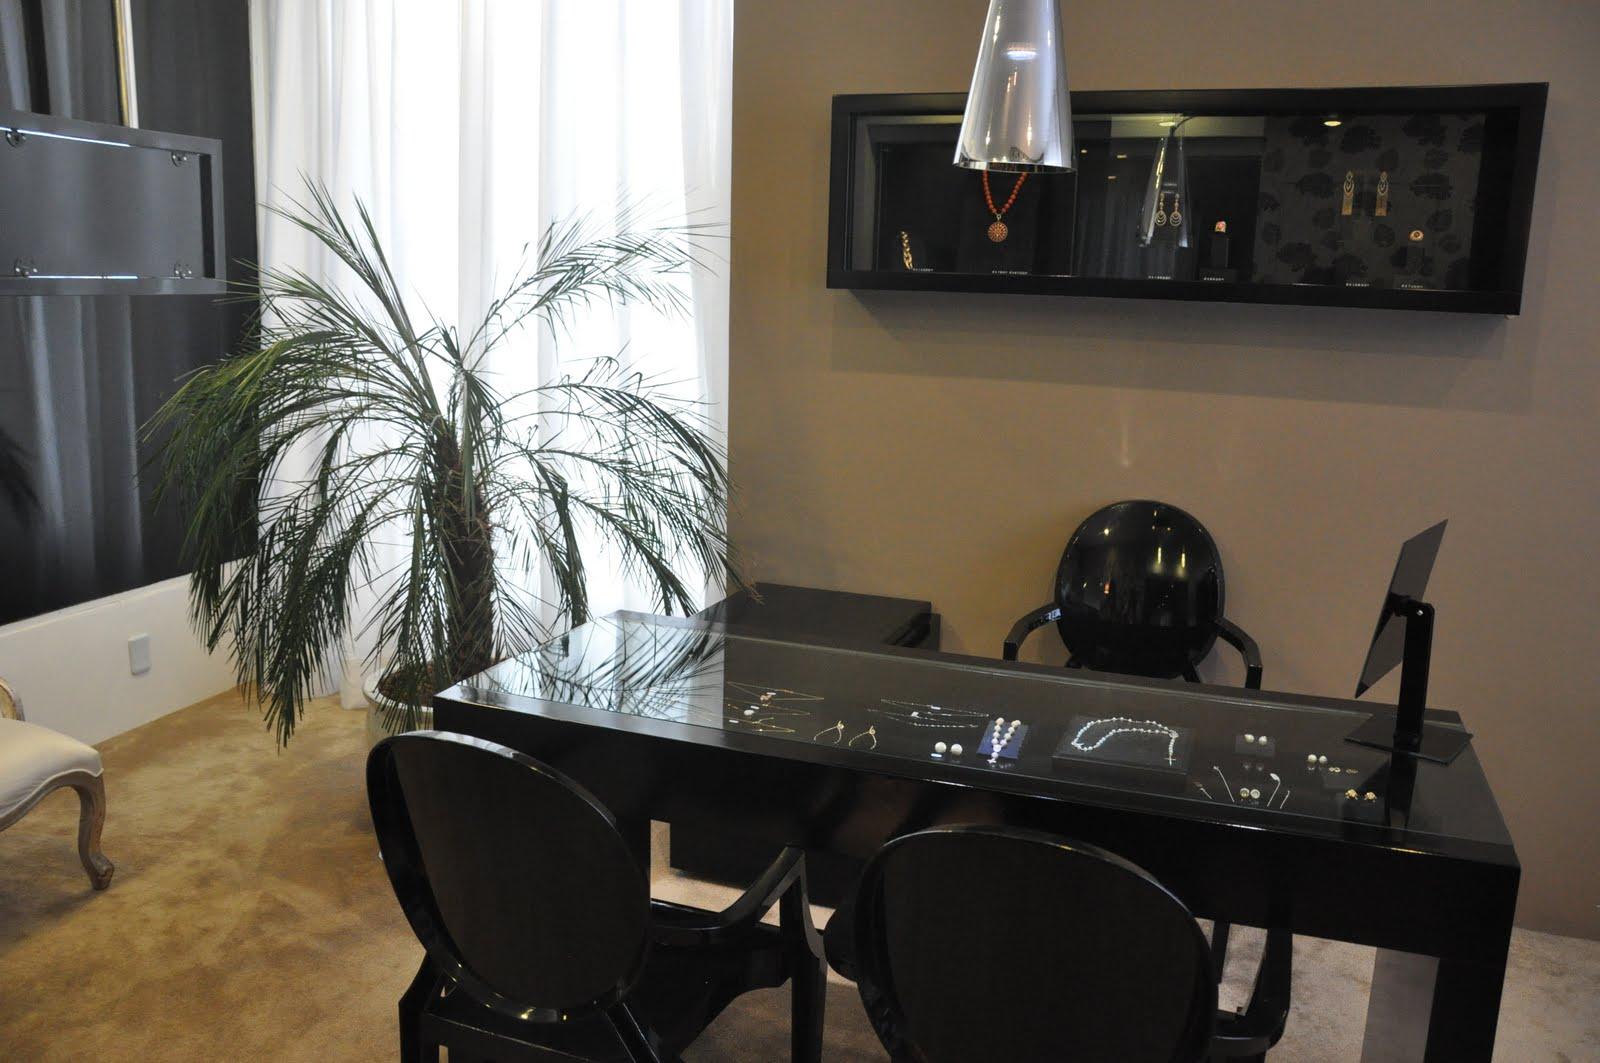 ca99c6f9821 Marília Argolo Designer de Interiores  Projetos de Decoração Comerciais